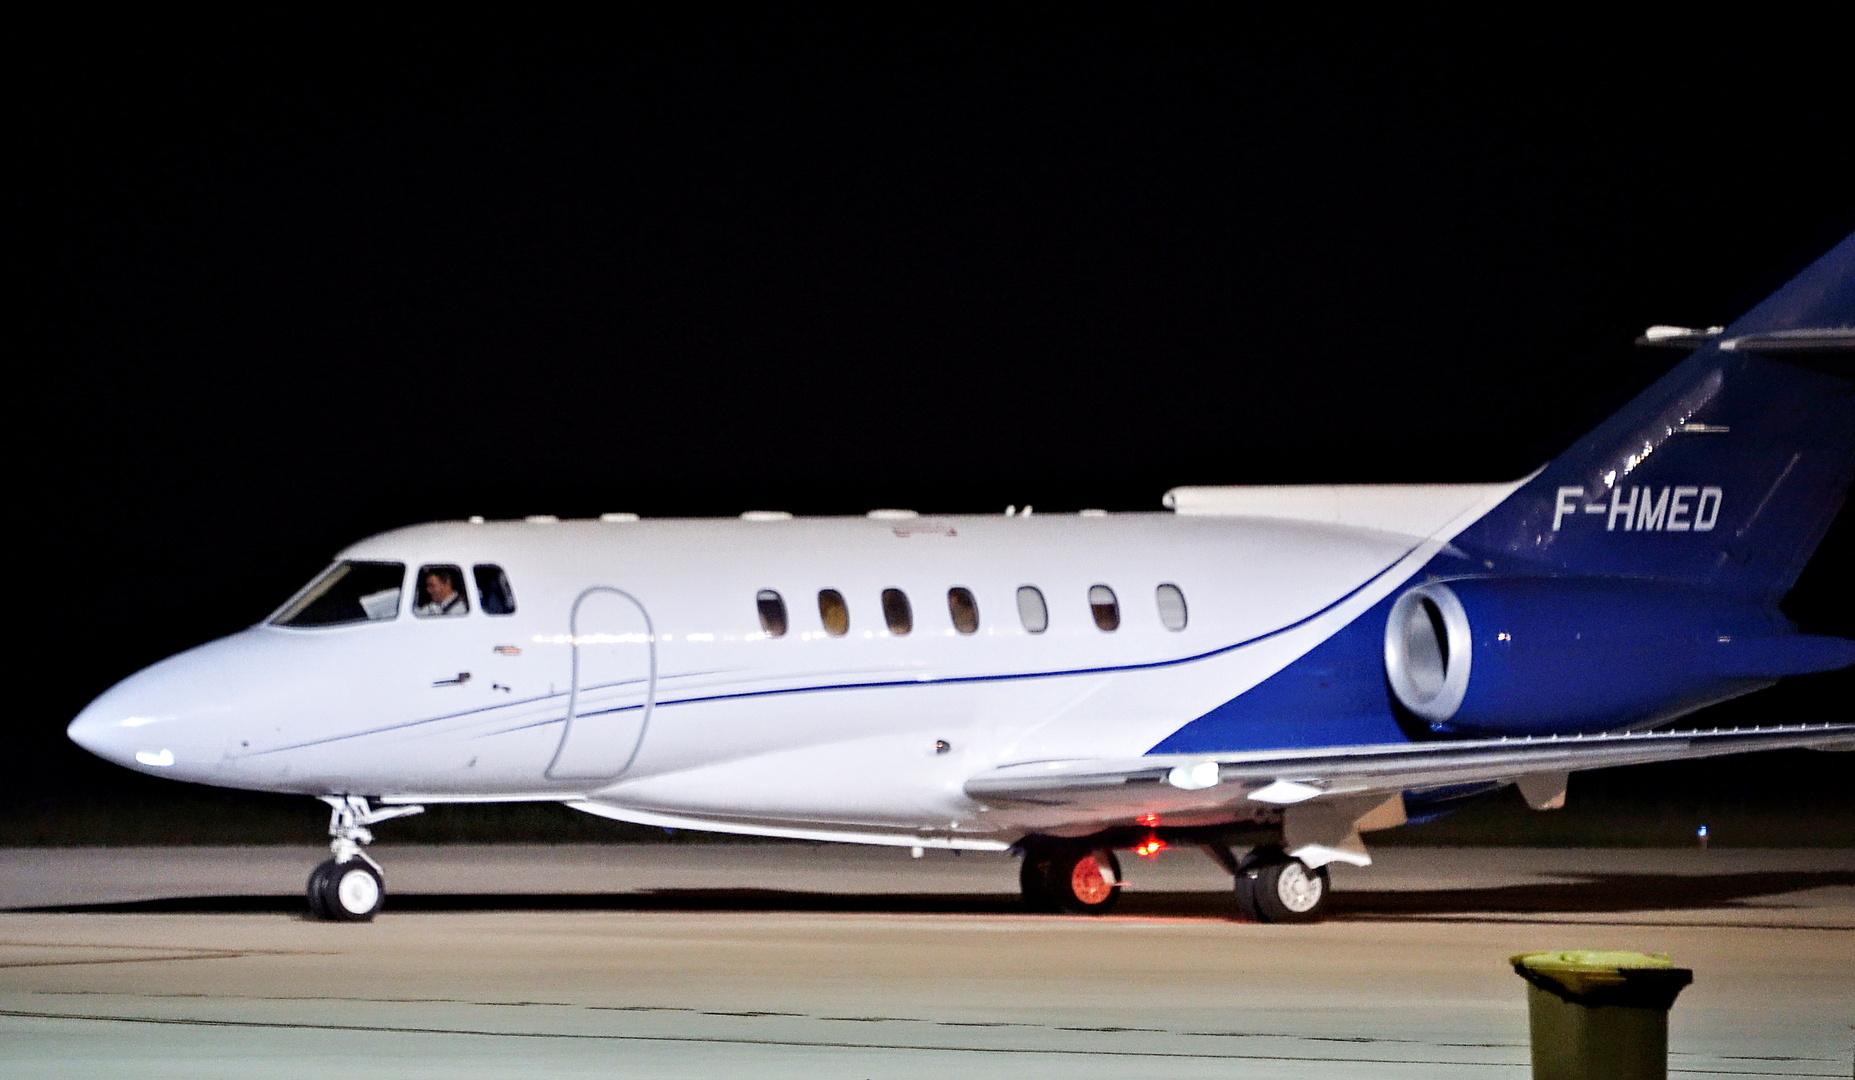 الطائرة التي أقلت زعيم جبهة البوليساريو إبراهيم غالي من مطار بامبلونا في إسبانيا إلى الجزائر